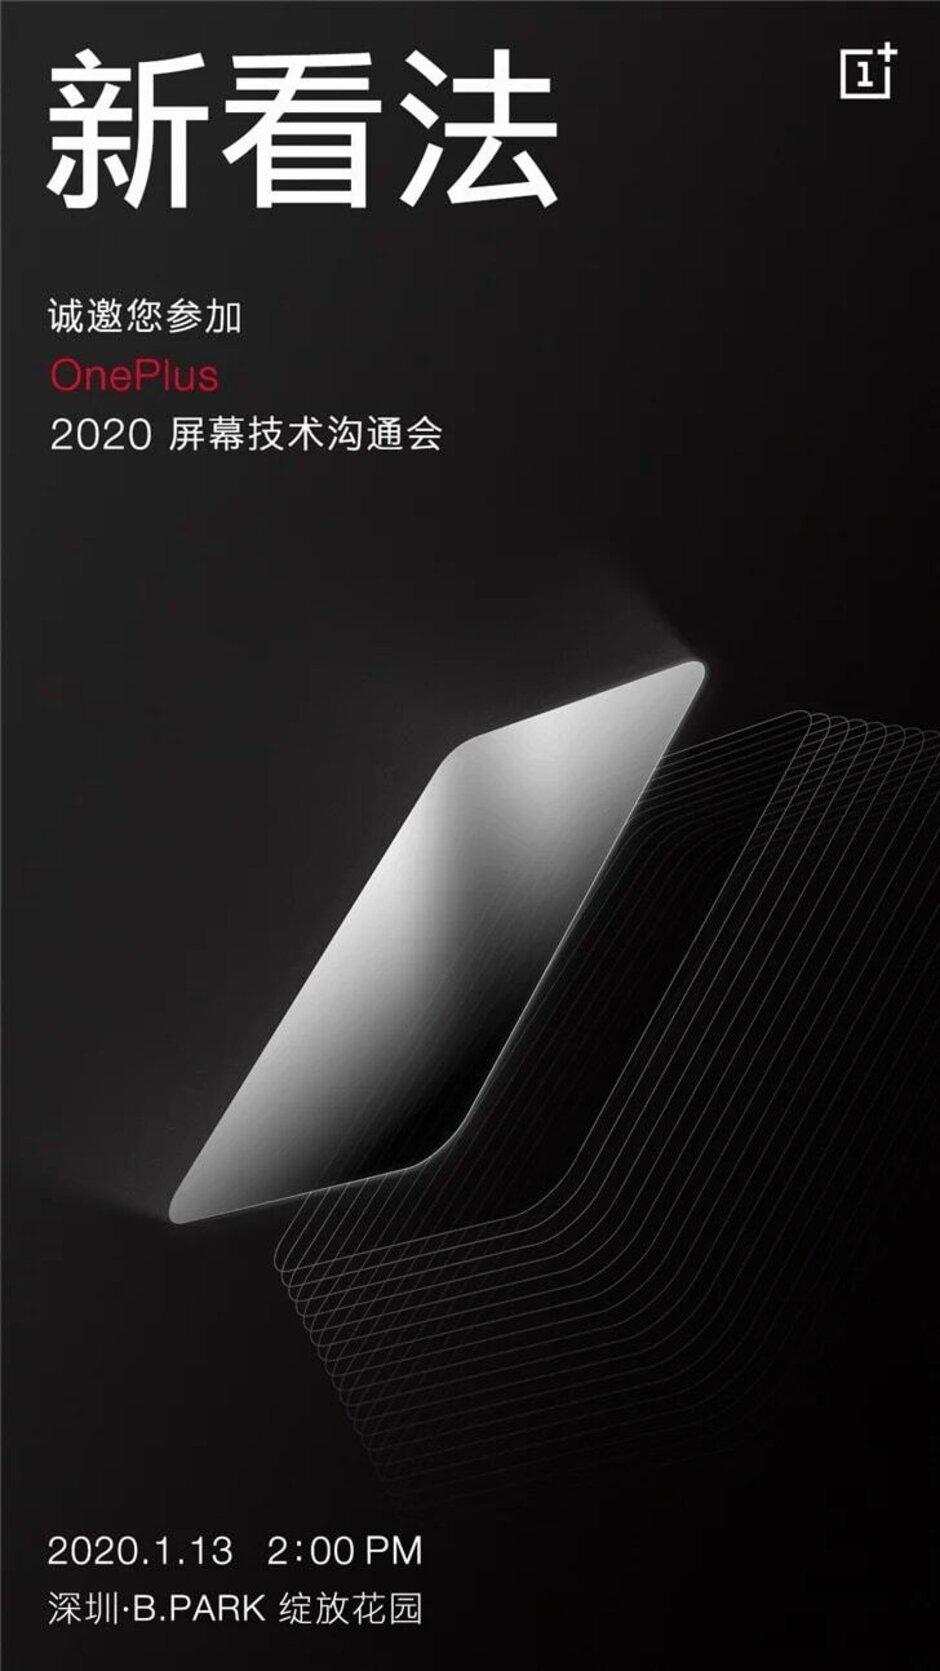 OnePlus 8 Pro ekran 120 Hz plotki przecieki wycieki specyfikacja dane techniczne kiedy premiera